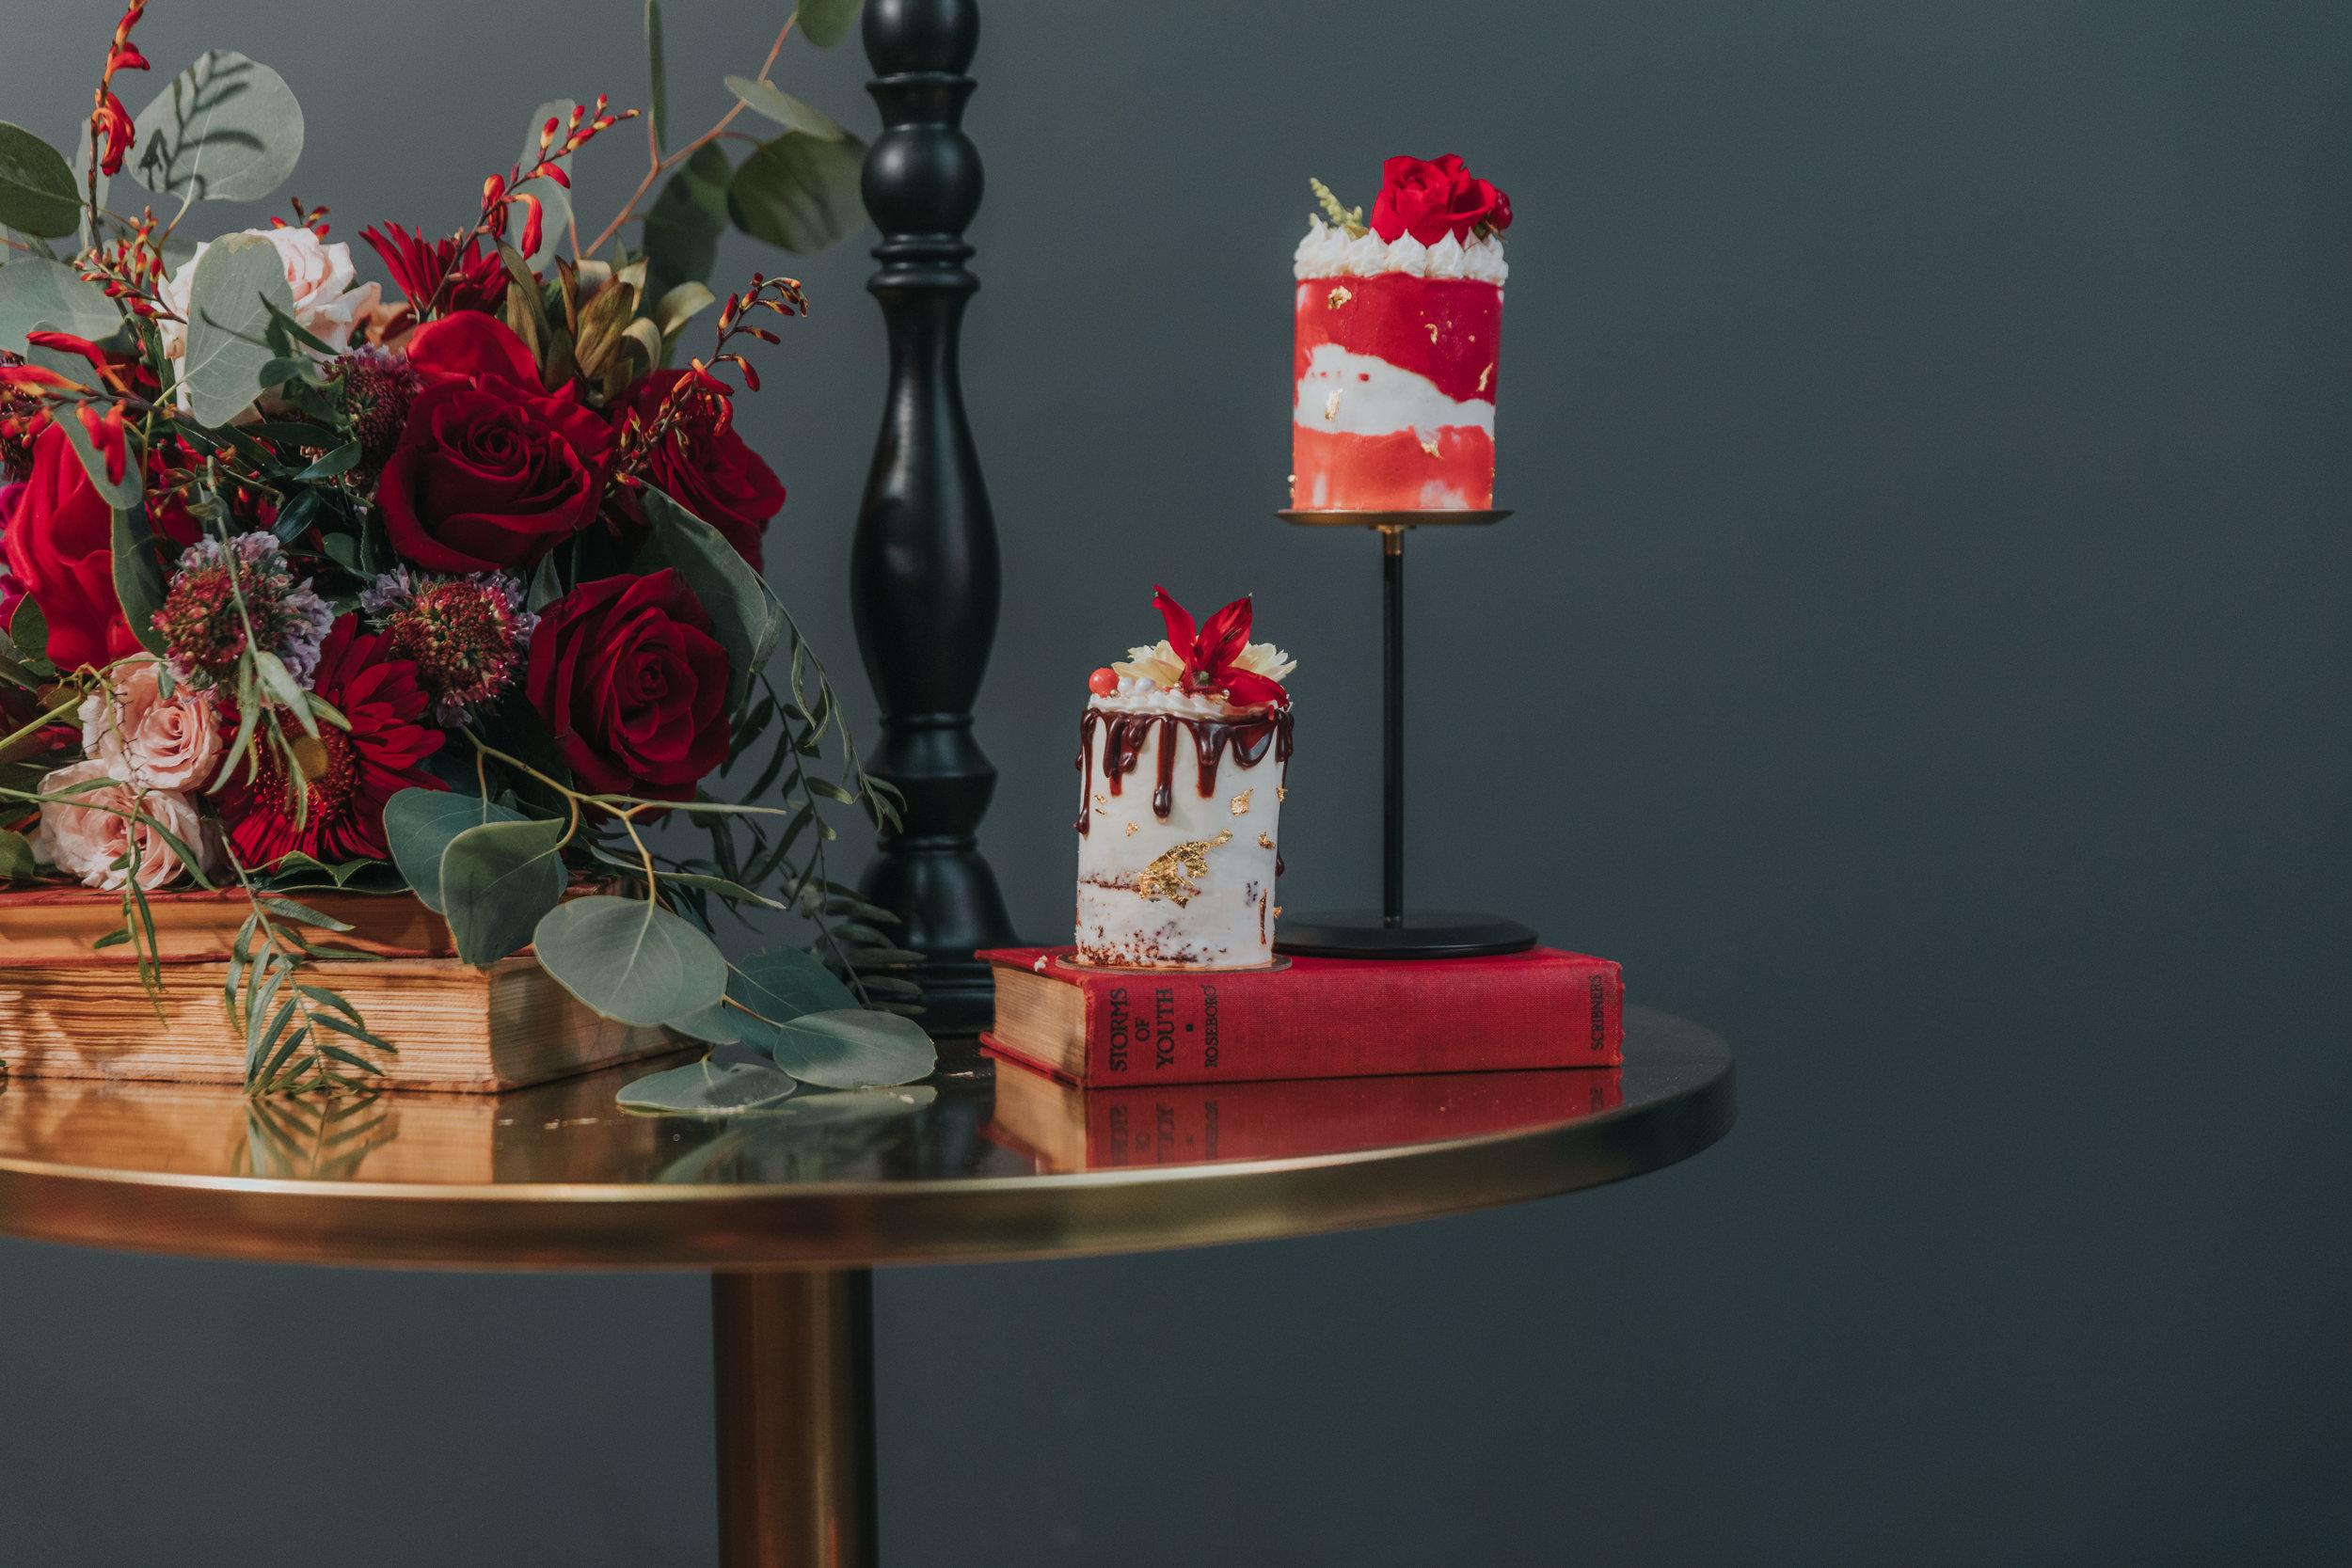 29 omaha-wedding-cakes-tiny-luxe-weddings.jpg